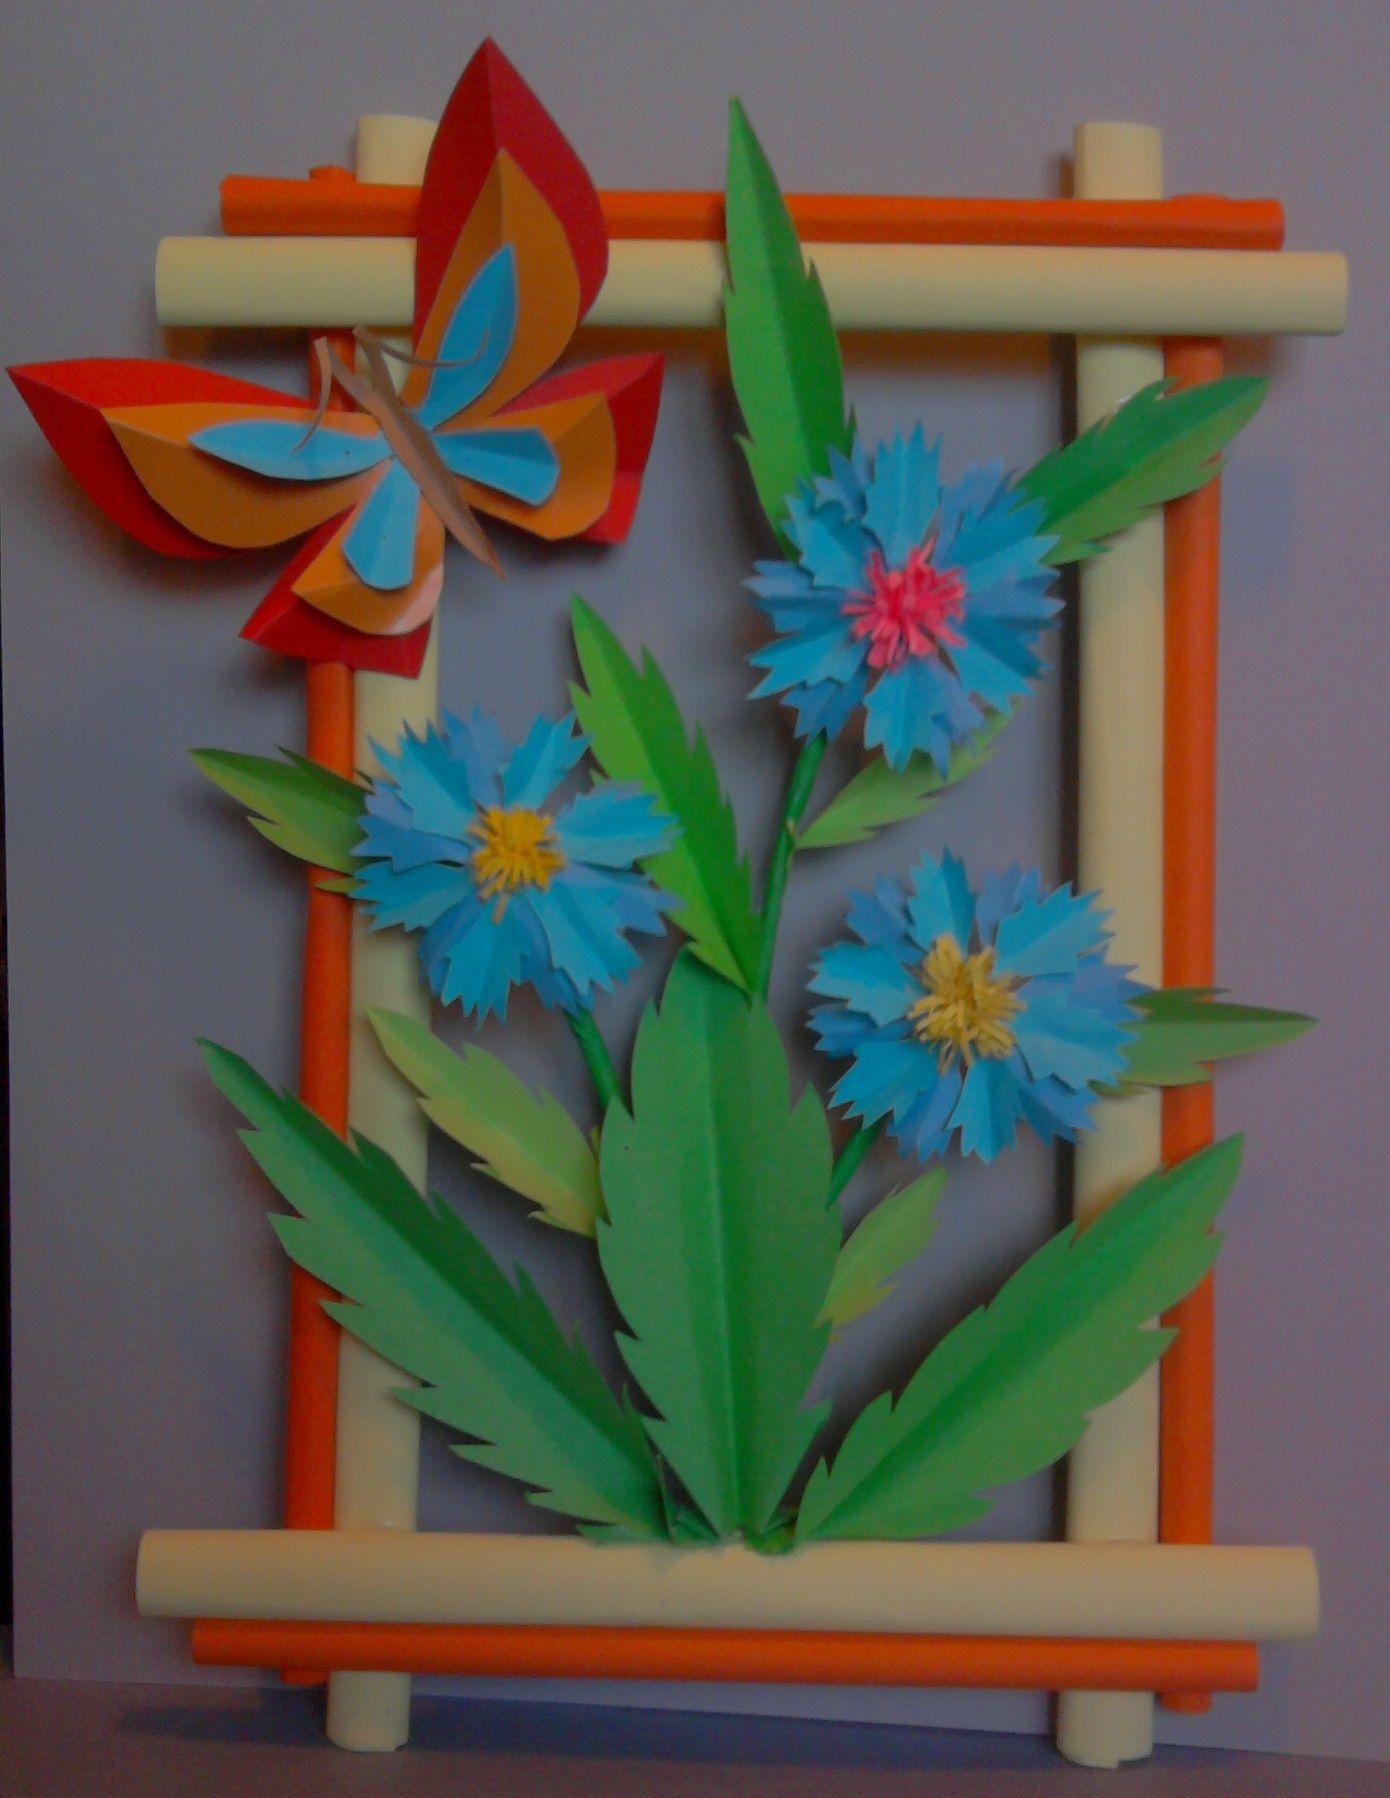 Kwiaty Z Papieru Ikebana Prace Plastyczne Dariusz Zolynski Flowers Paper Paper Flowers Orgiam Vesennie Podelki Detskie Podelki Detskie Osennie Podelki